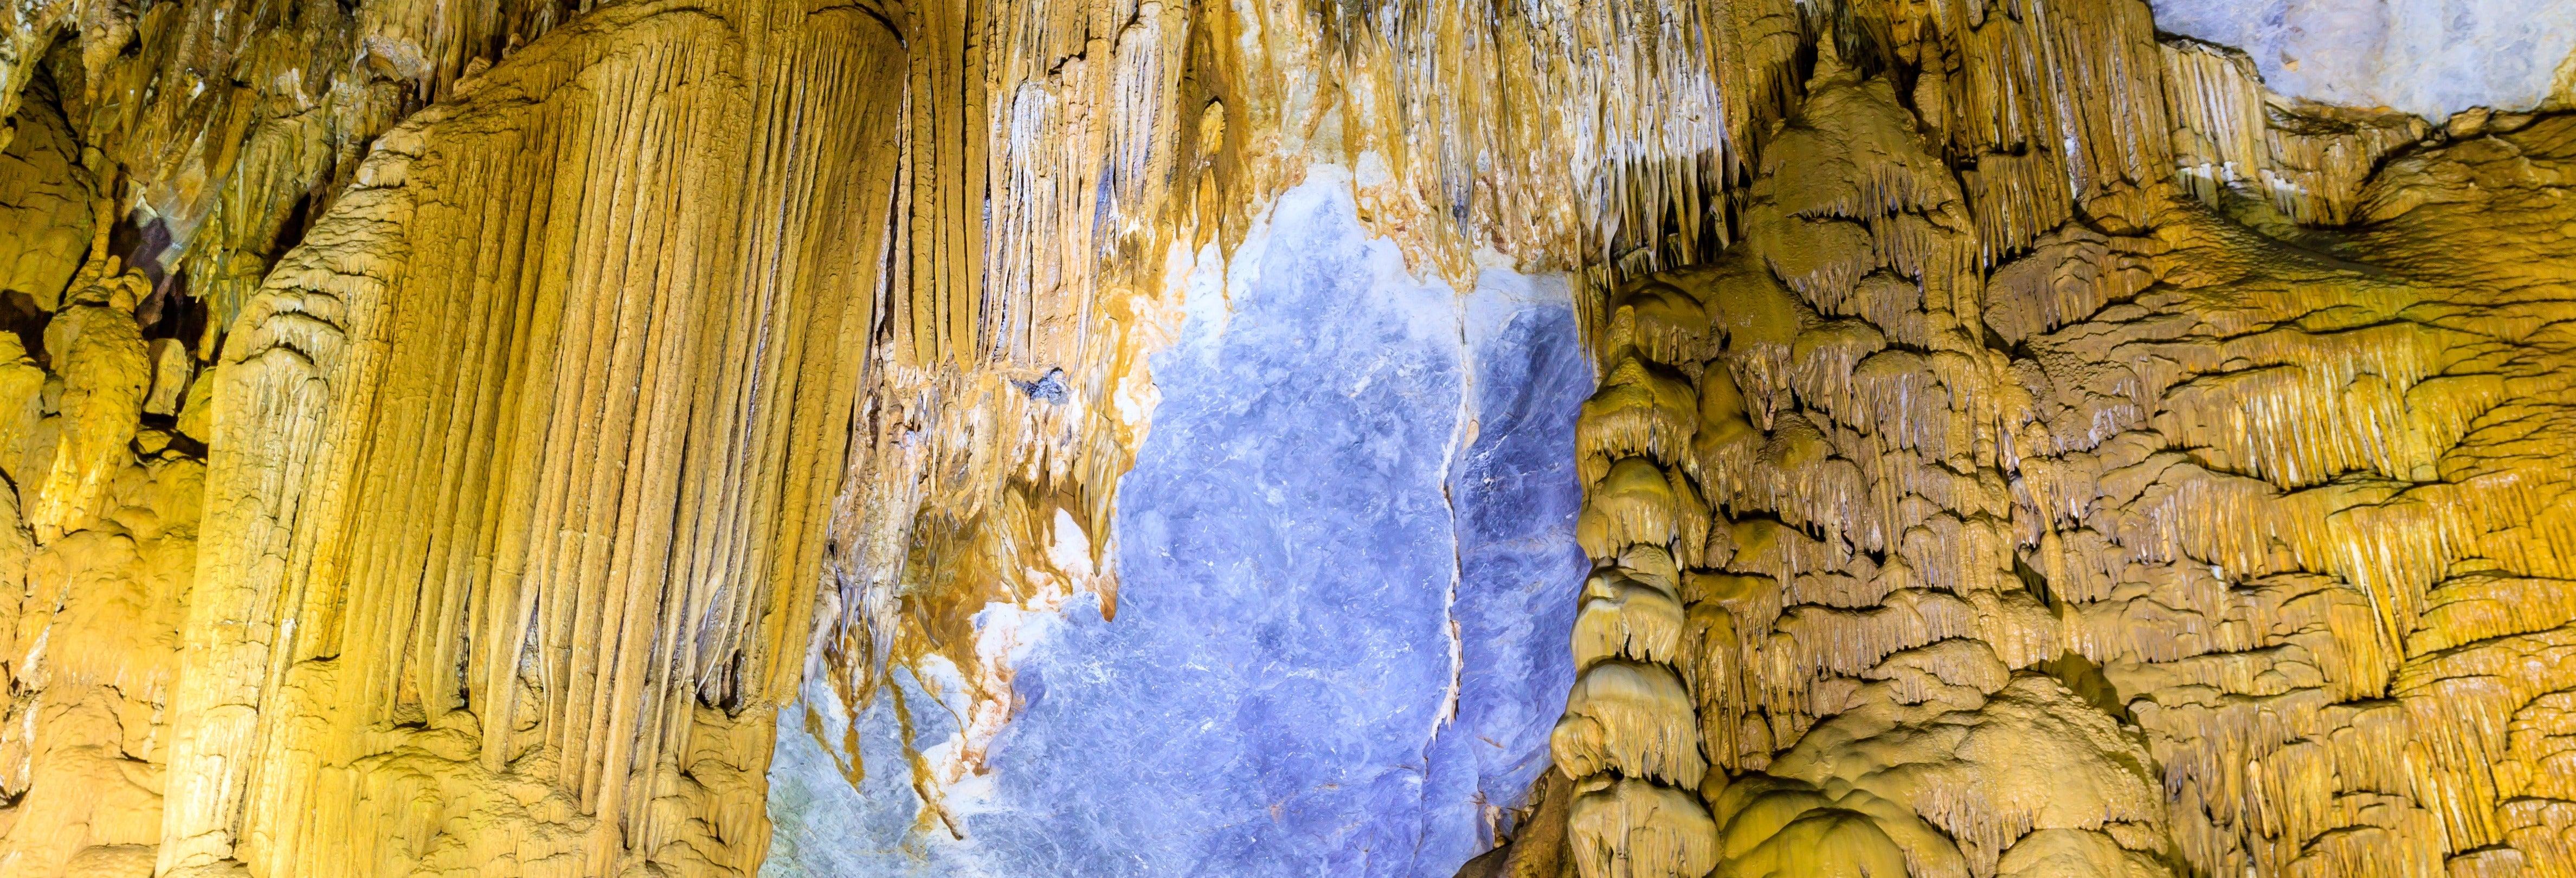 Excursão à gruta Paradise Cave